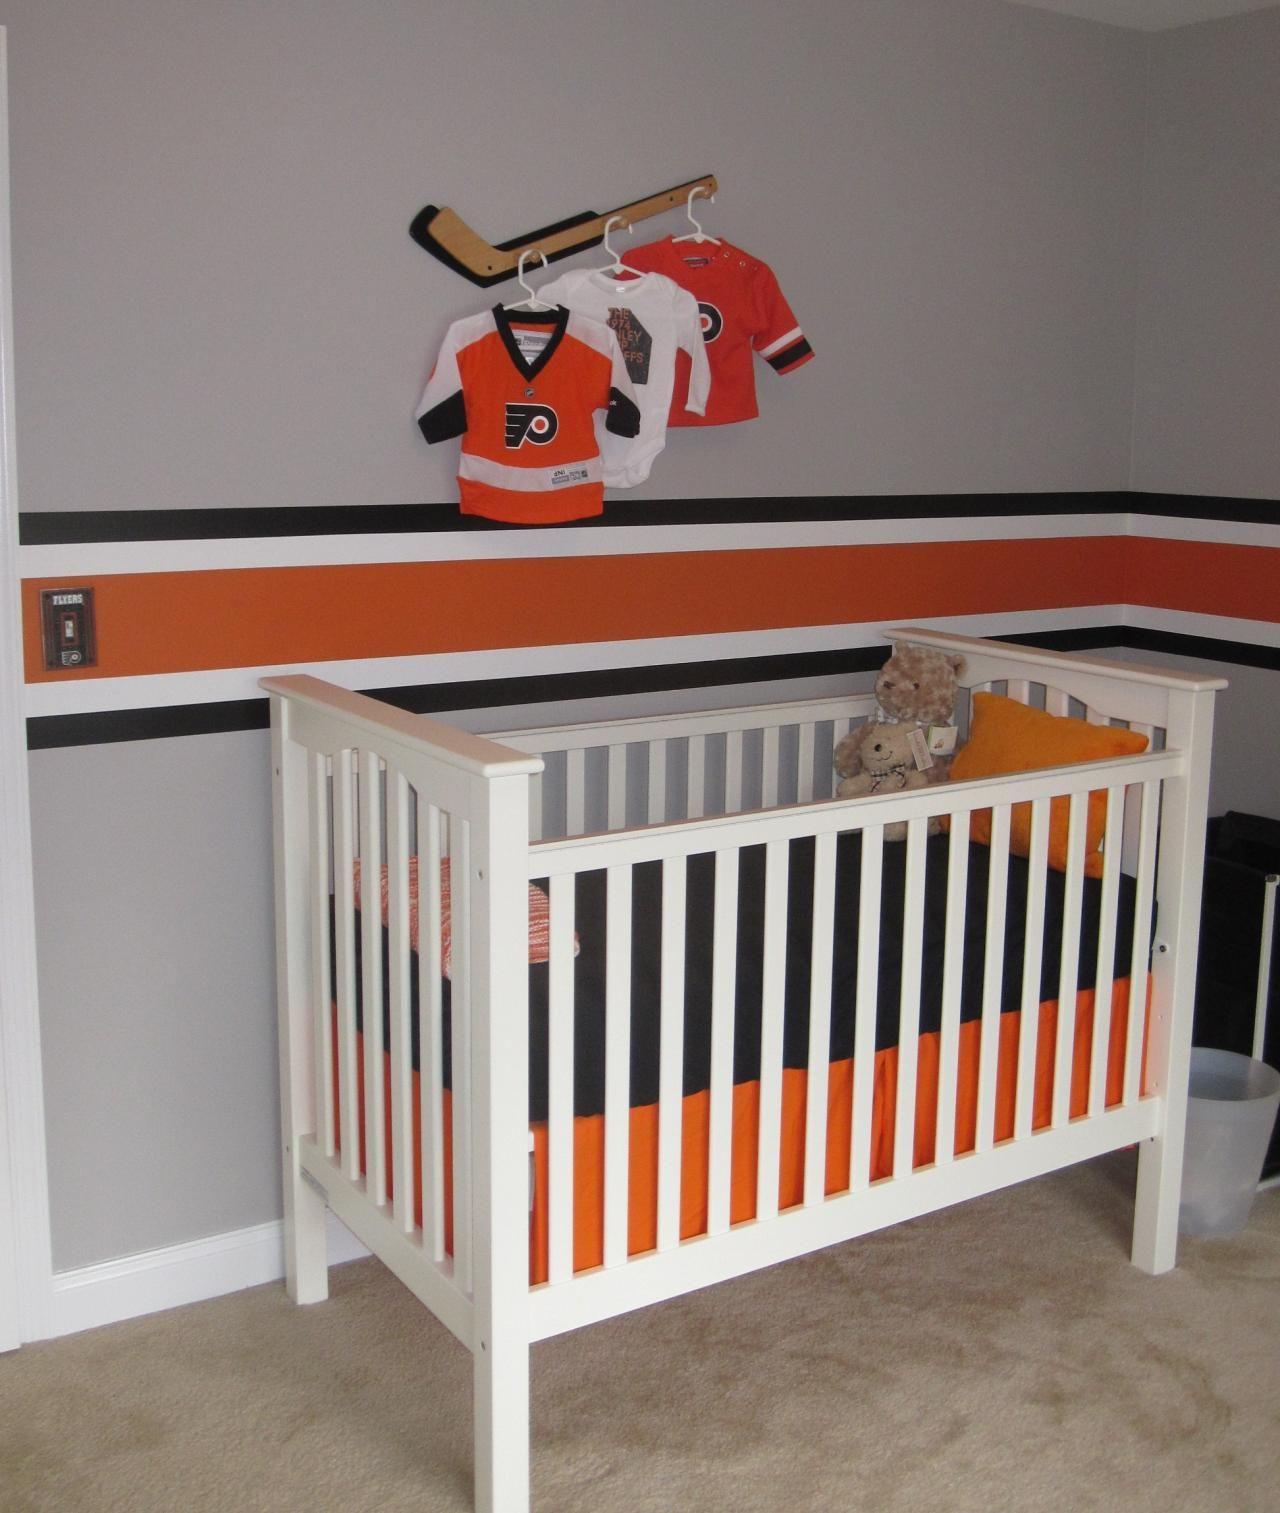 Baby Nursery Decor But With A Baseball Bat